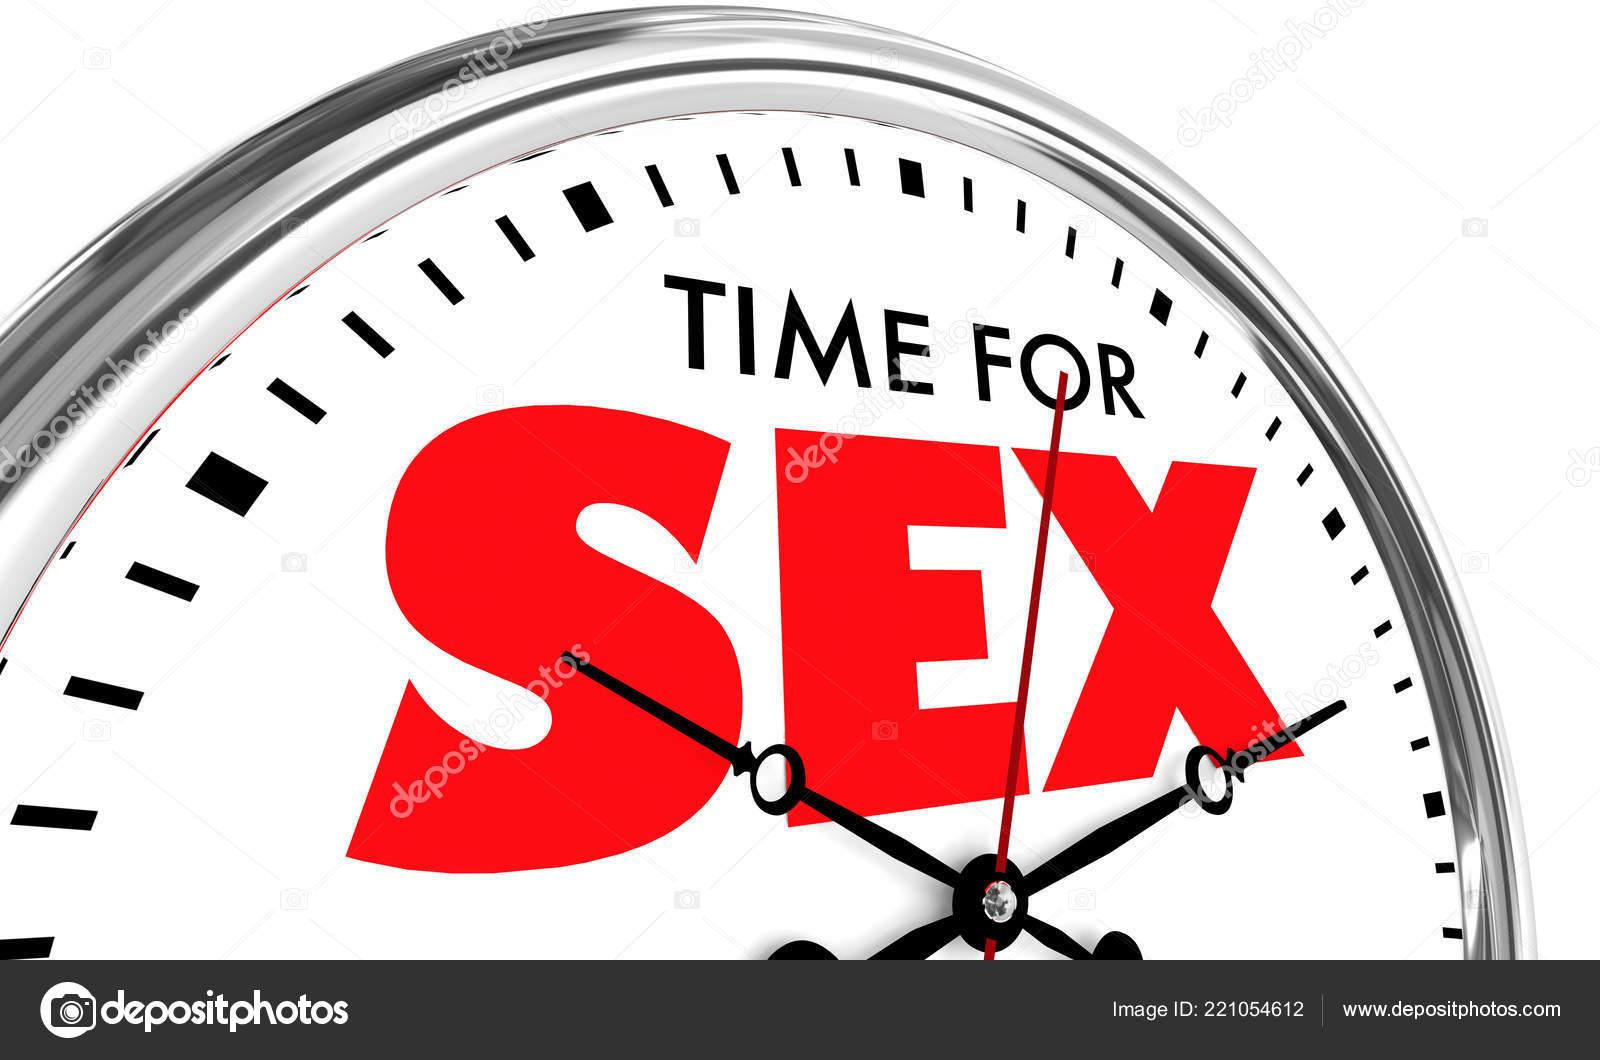 σεξ βίντεο δωρεάν ρολόι